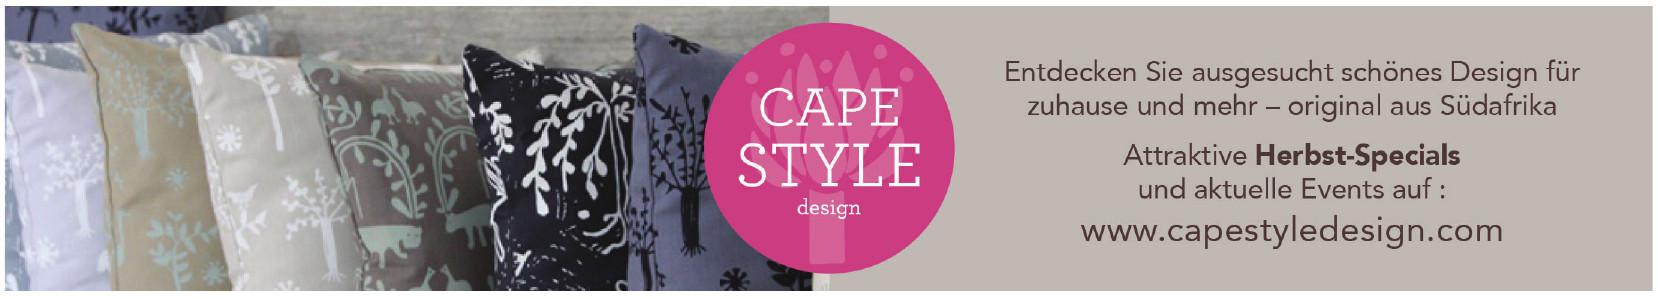 Cape Style Design